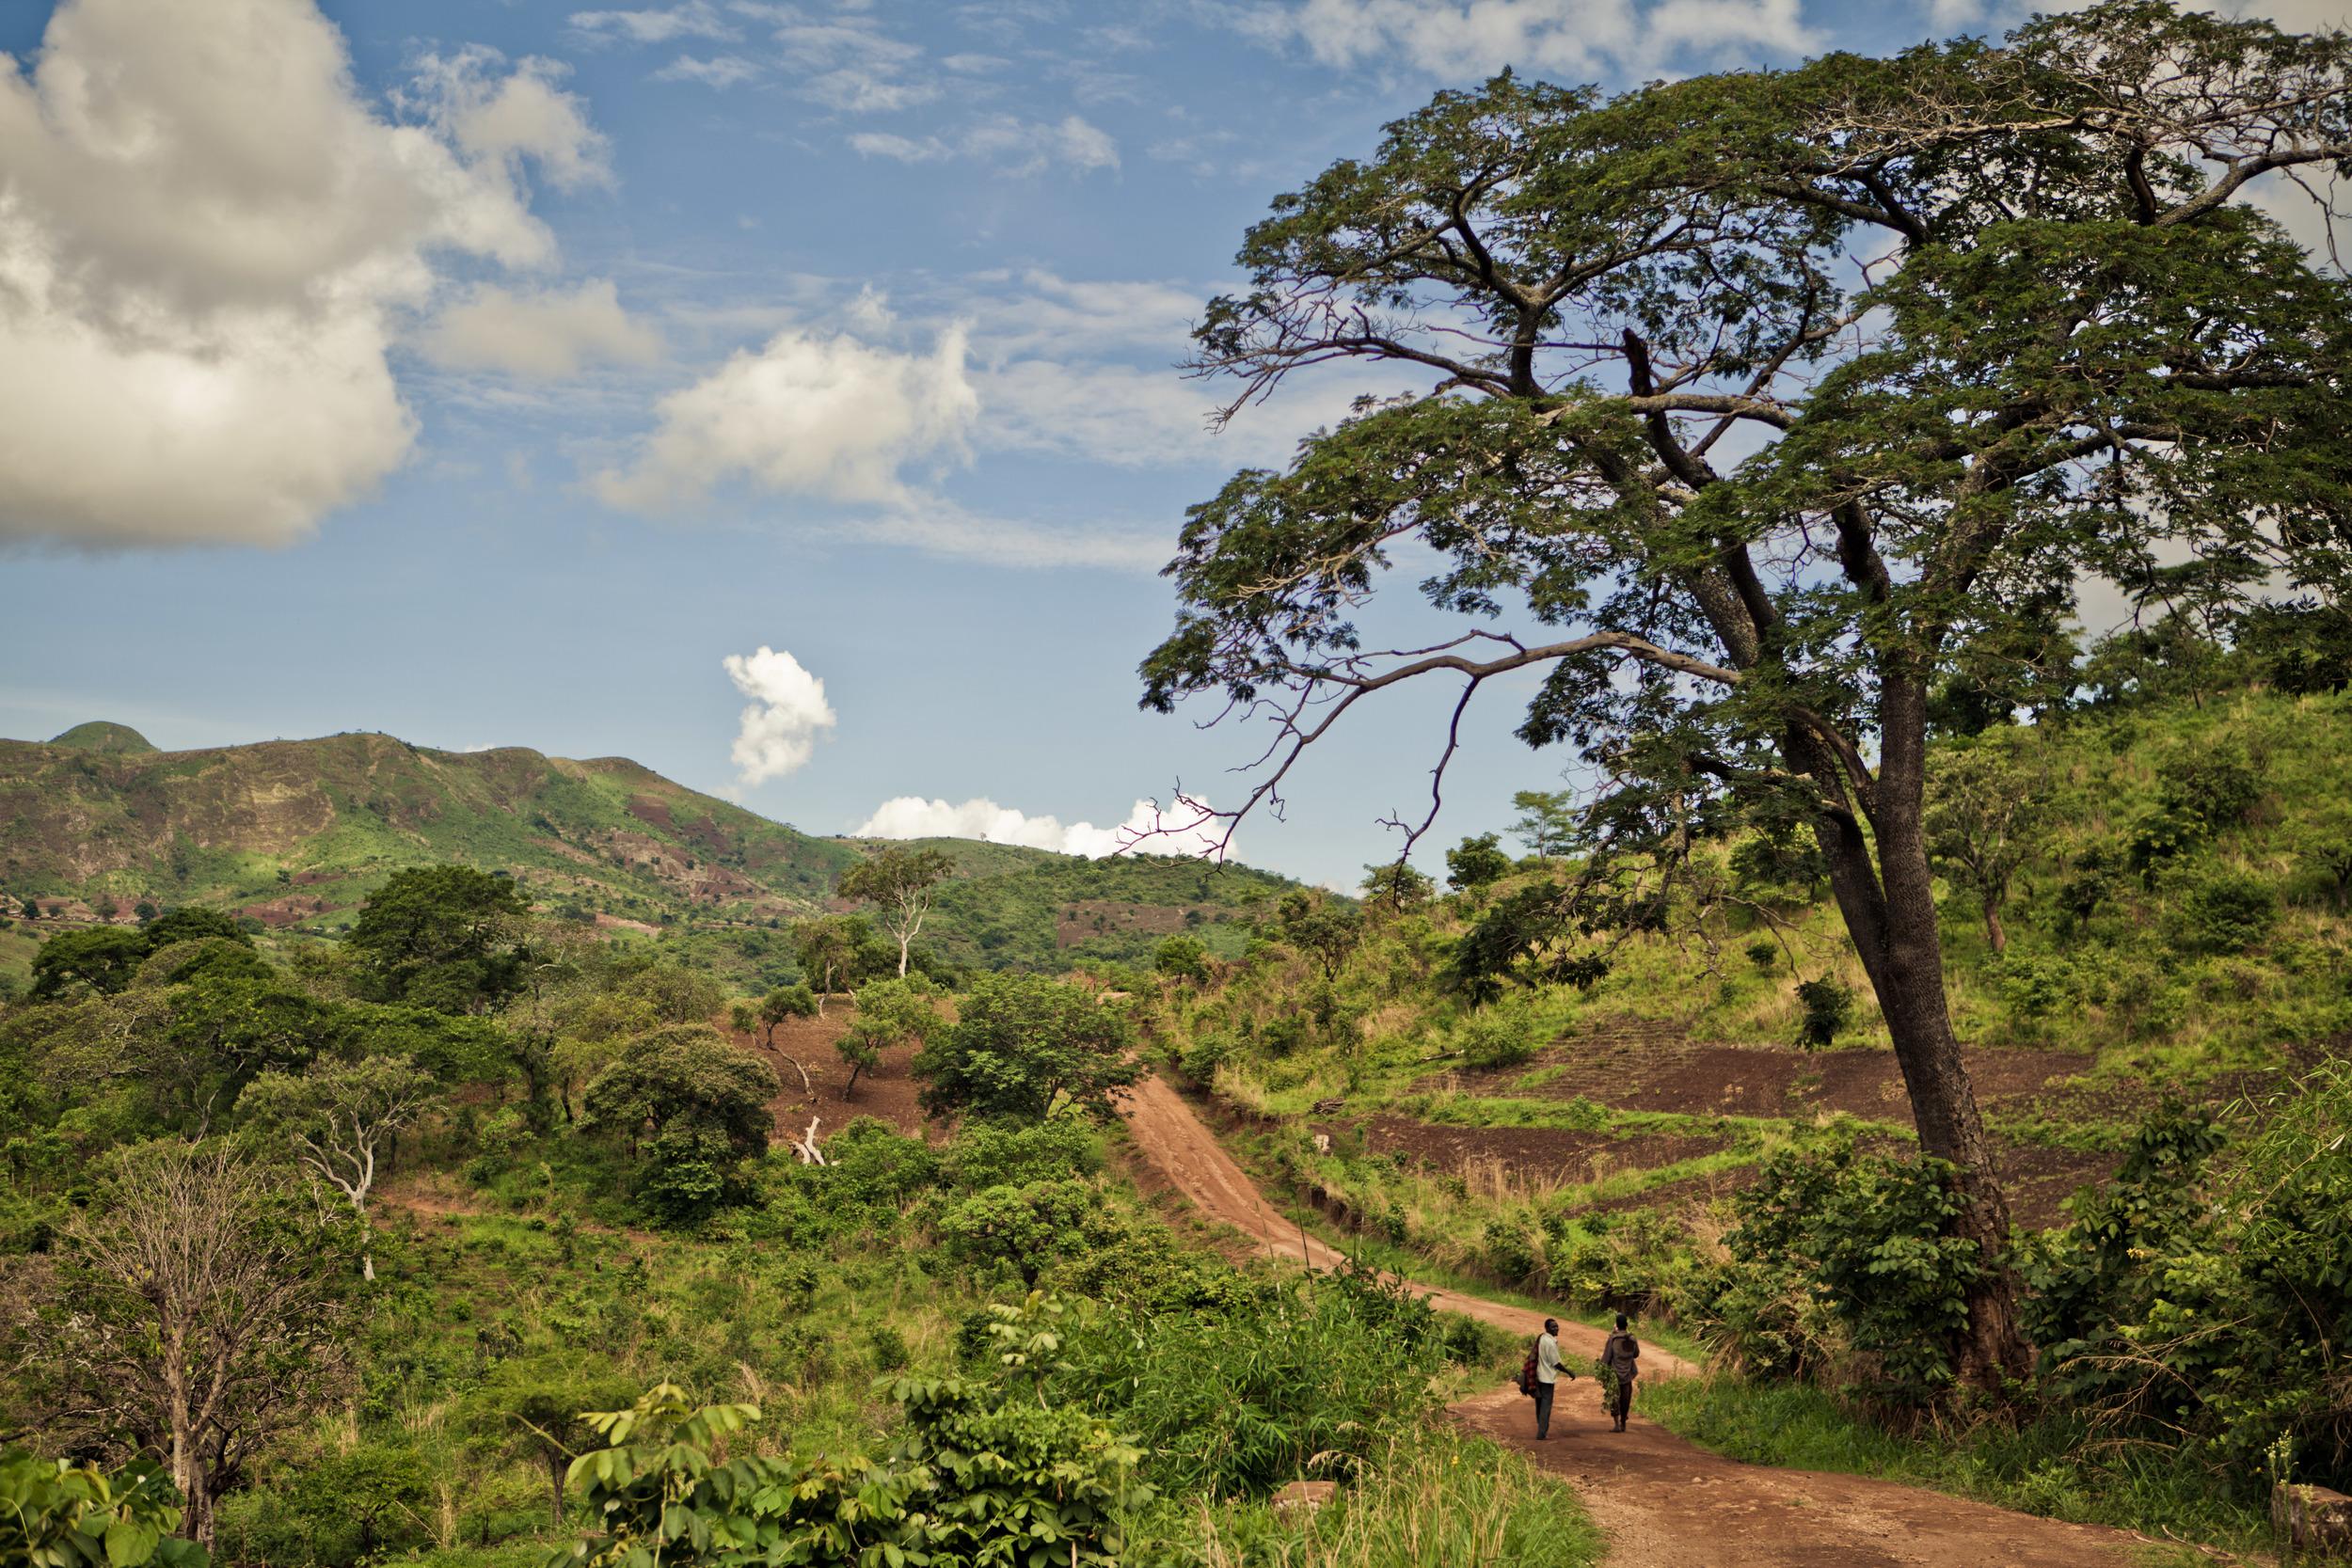 December-1-blog-header_two-people-walking-in-Malawi.jpg